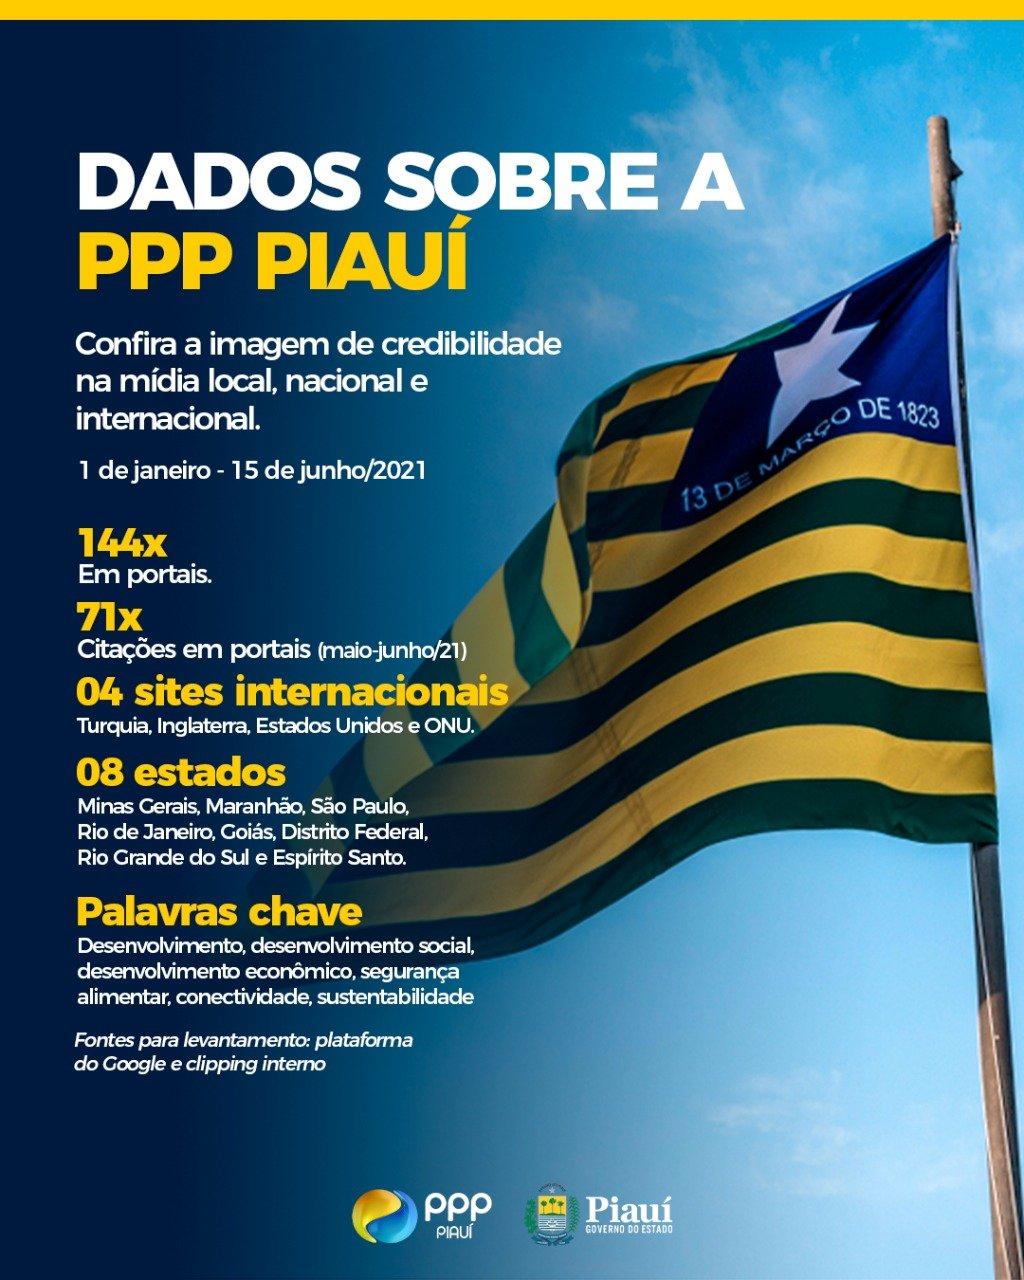 Dados referentes à imagem da Suparc-PI. Crédito: Divulgação/Suparc.